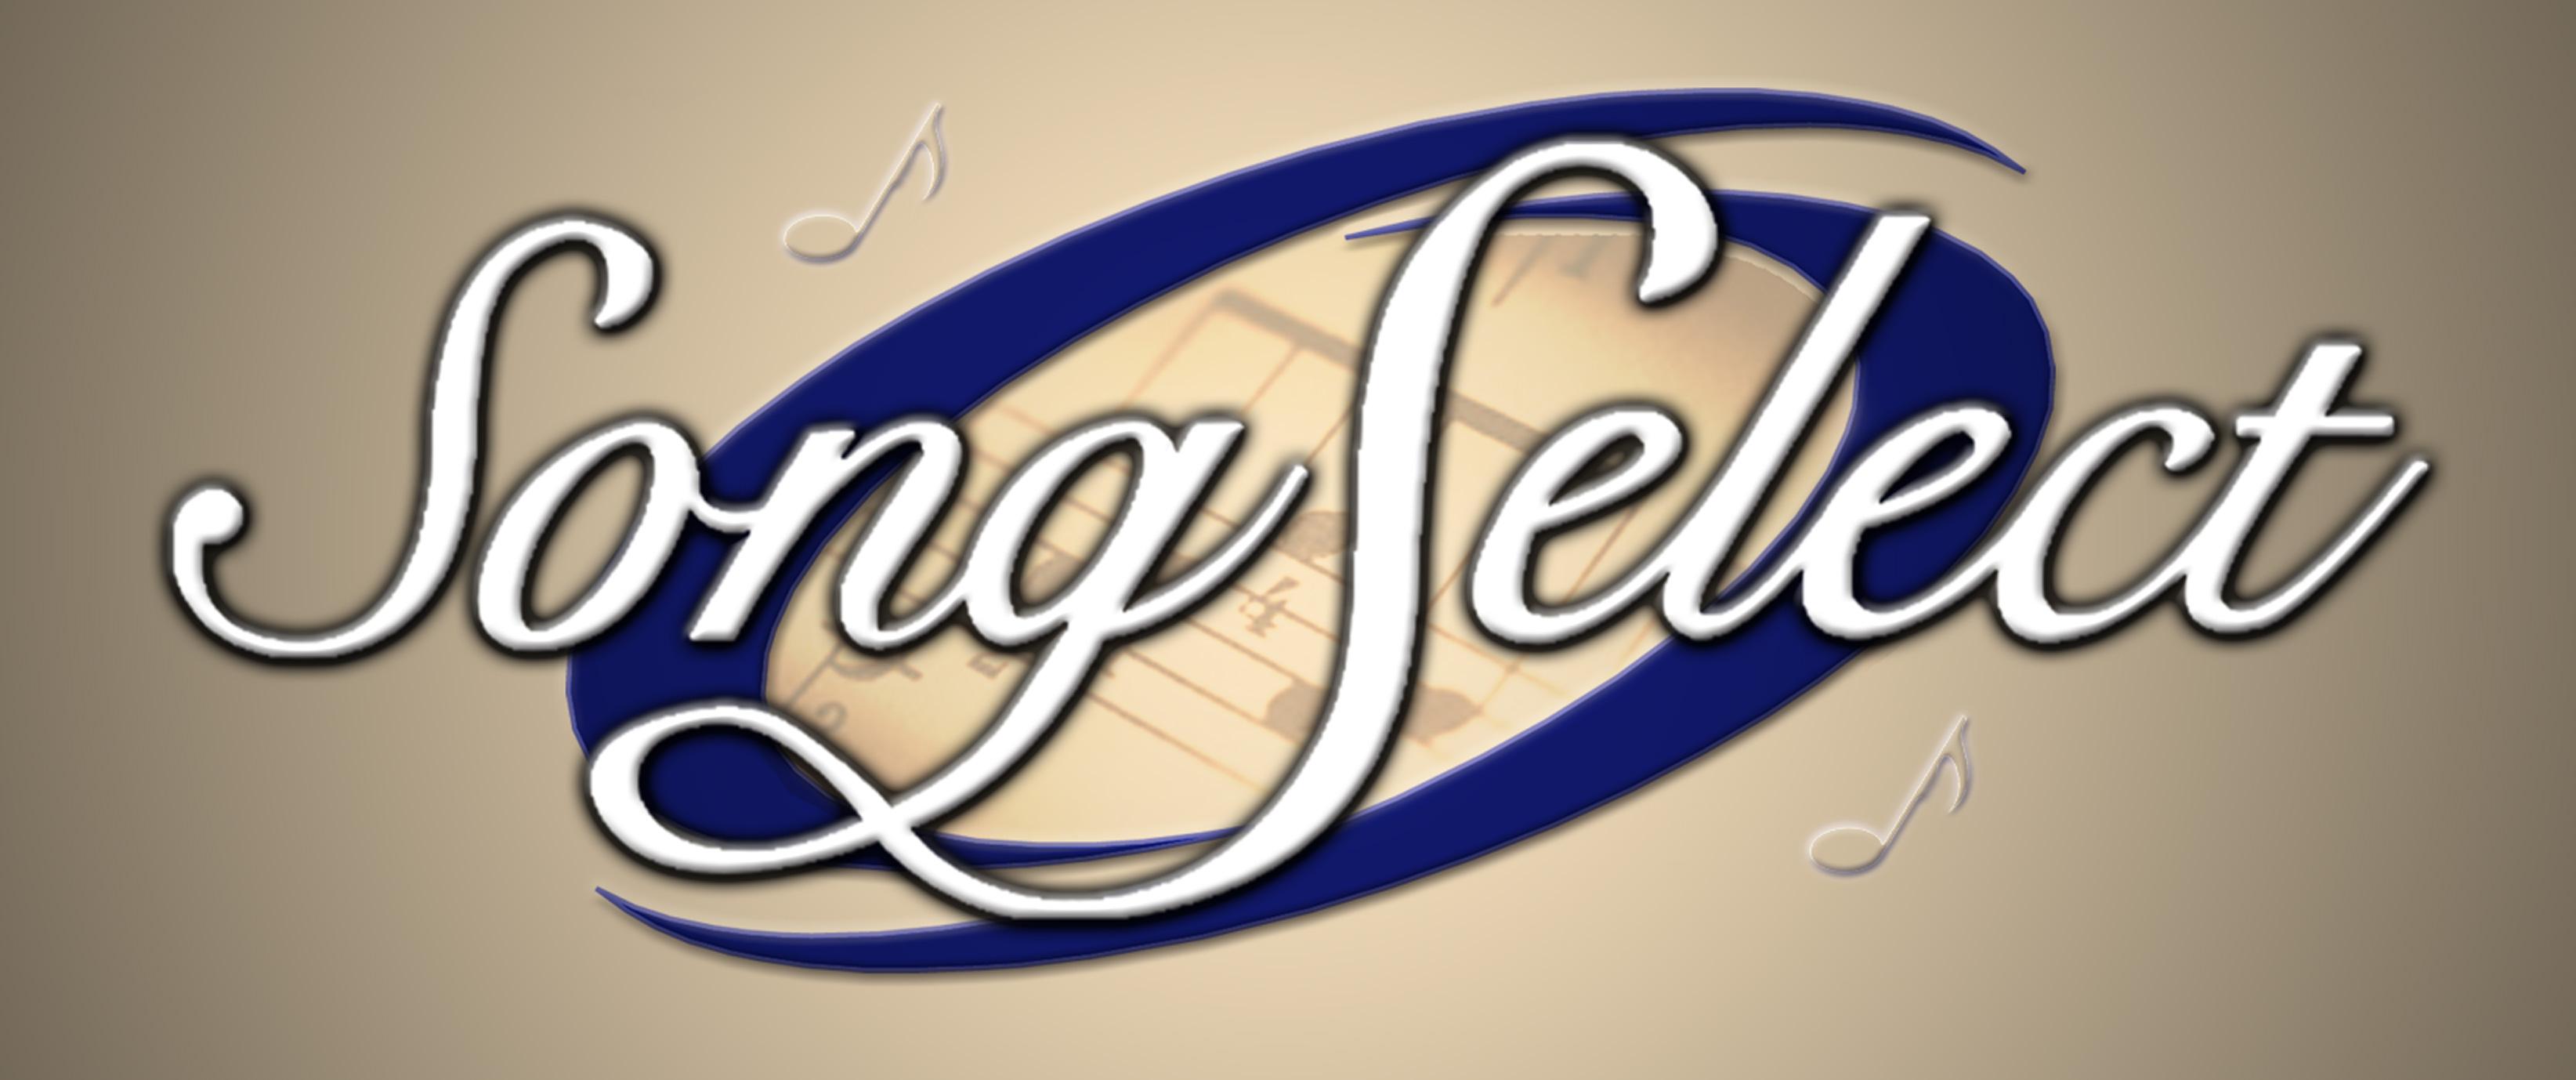 SongSelect Logo, circa 1995